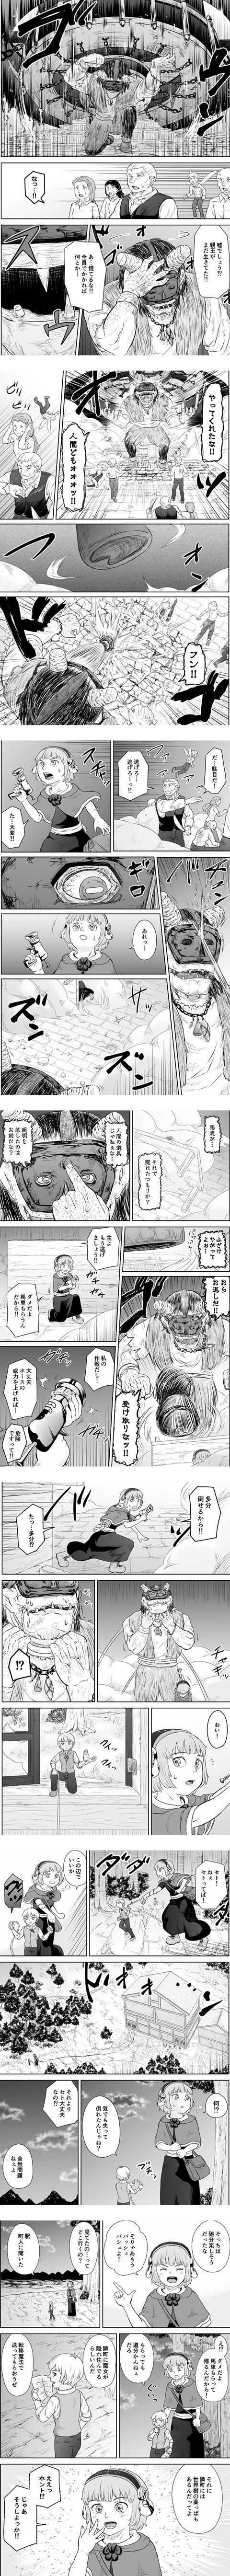 コミック_021-vert